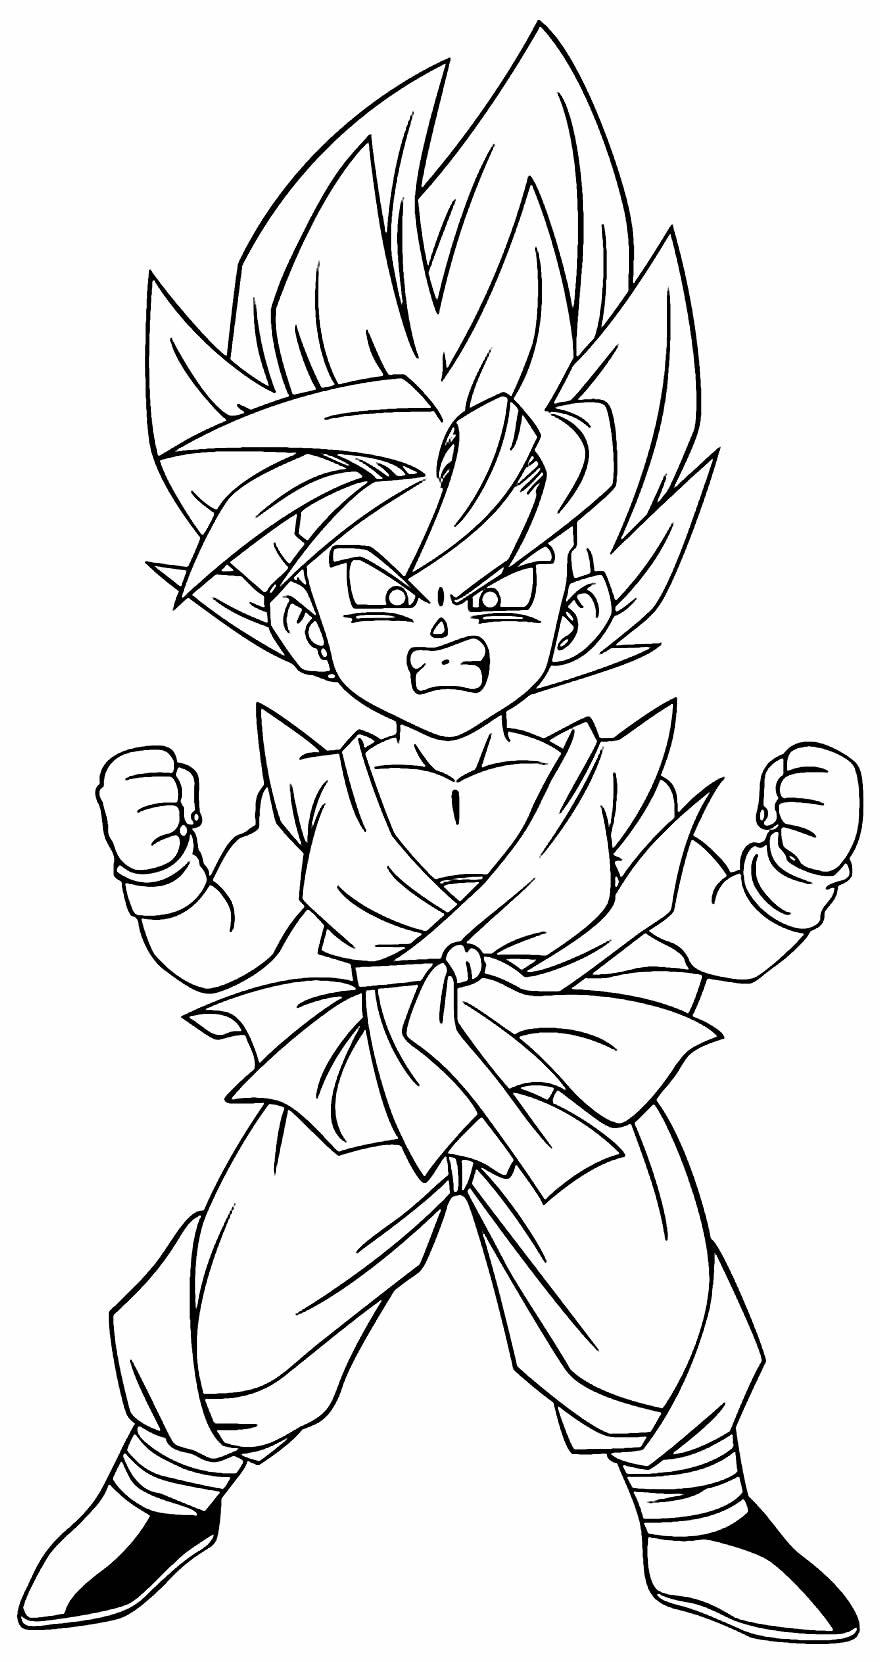 Desenho de Goku para colorir